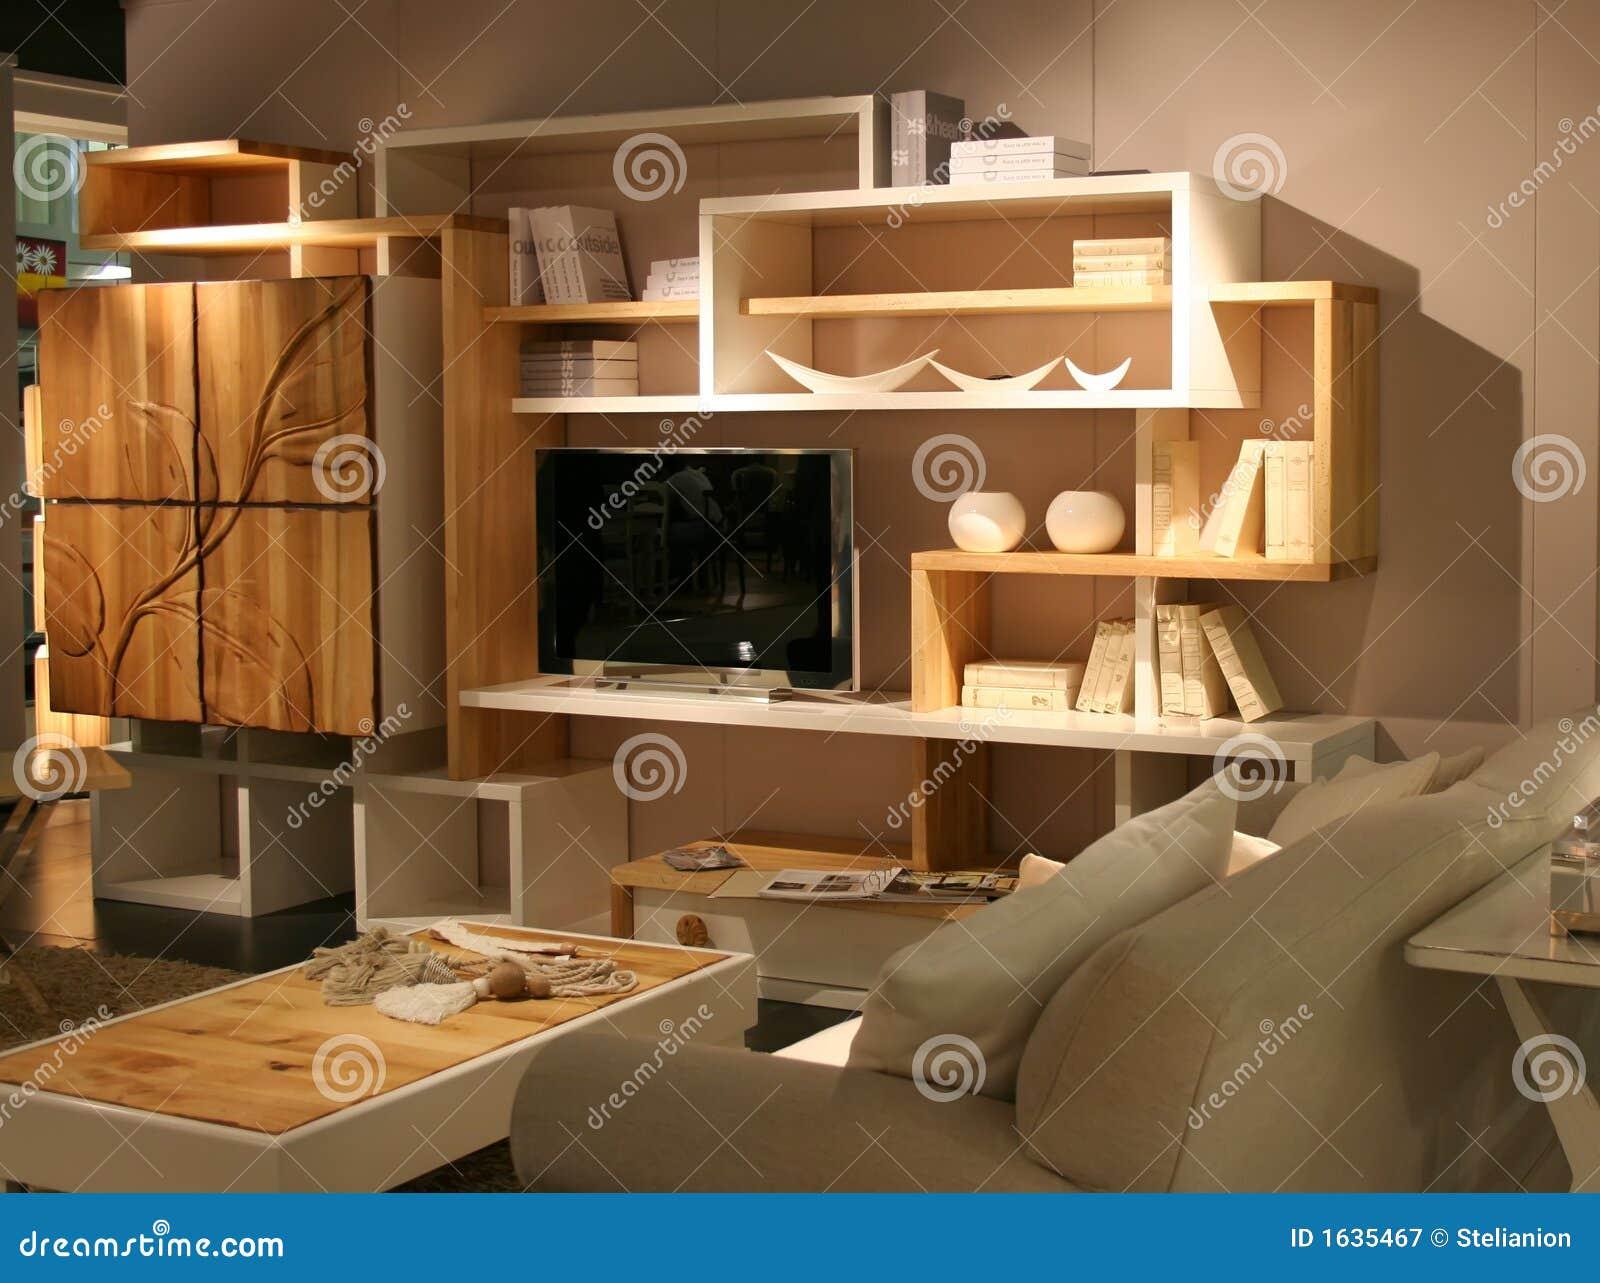 Idee di decorazione del salone fotografia stock libera da for Idee salone